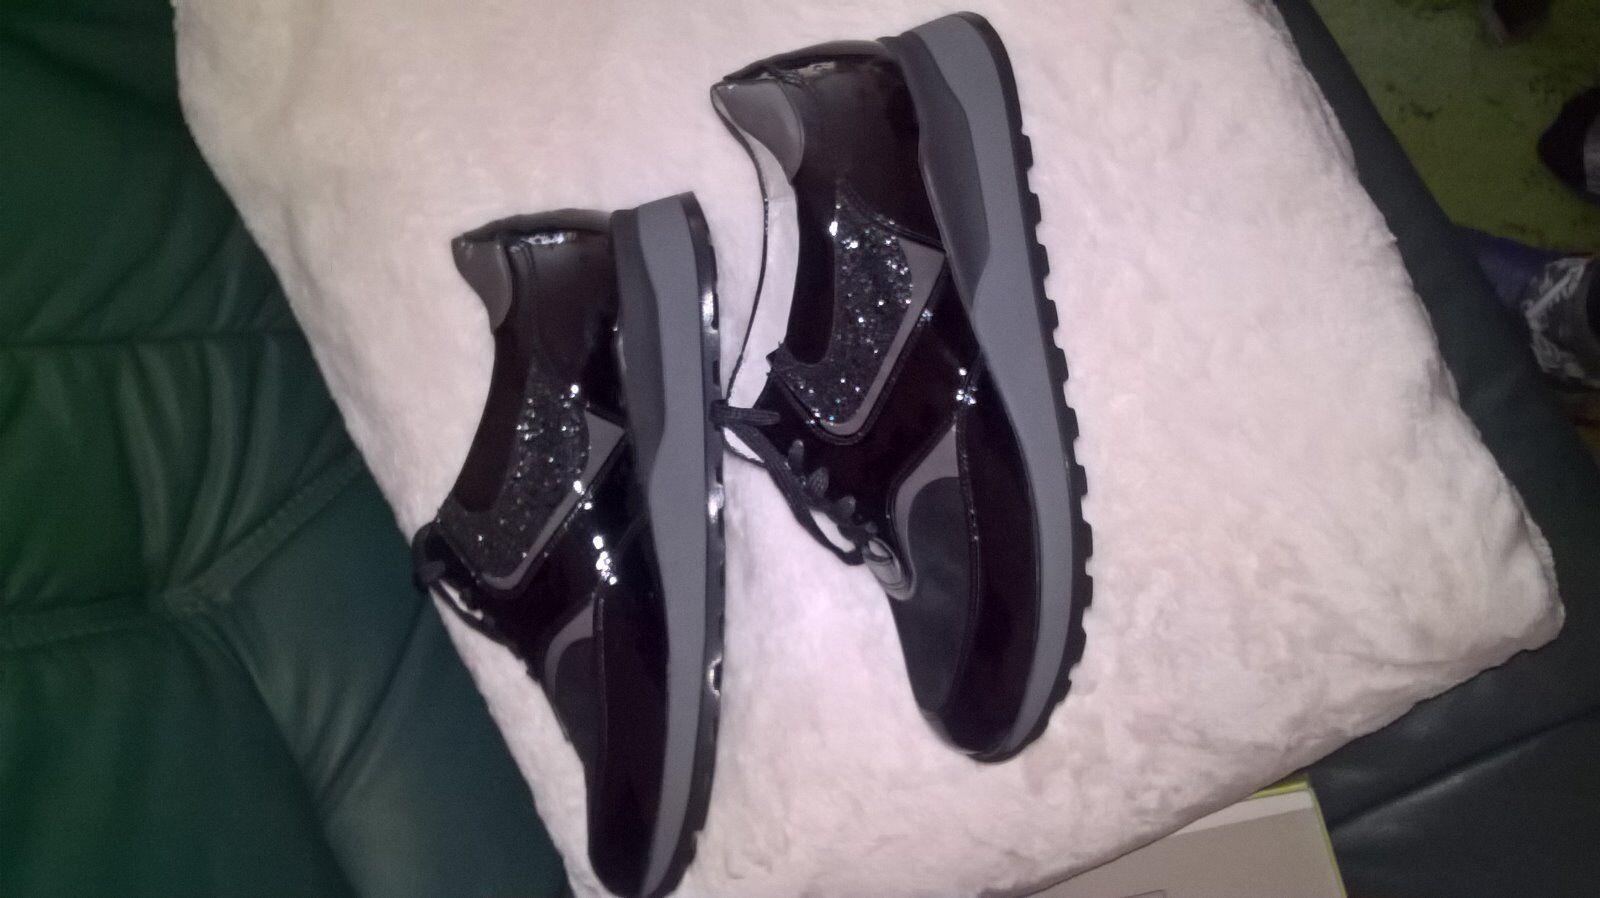 Waldäufer Da.-Schuhe, N E U , Größe 43